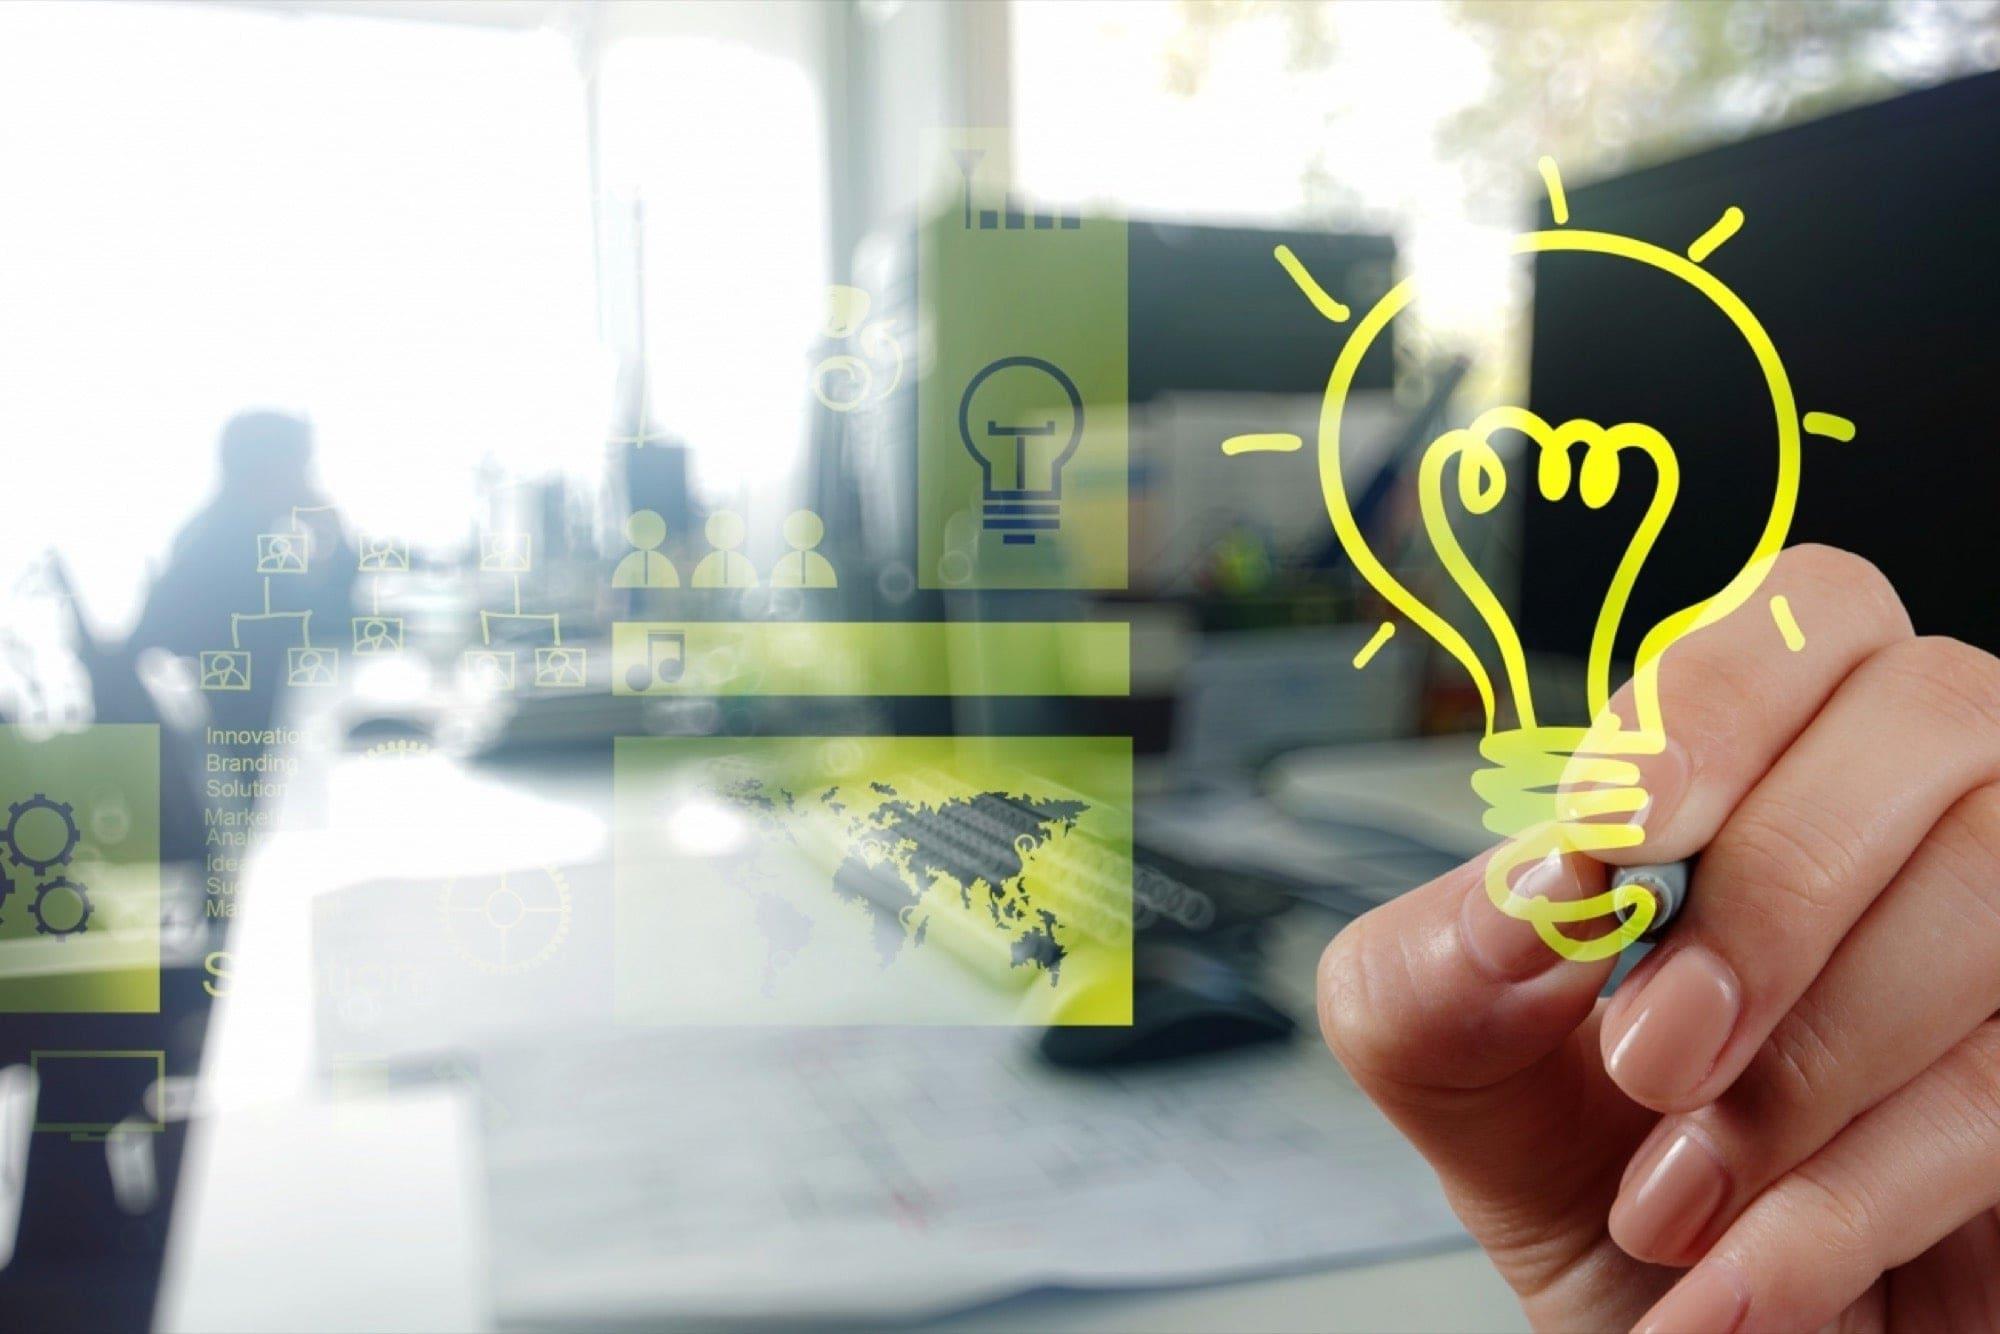 идея для стартапа